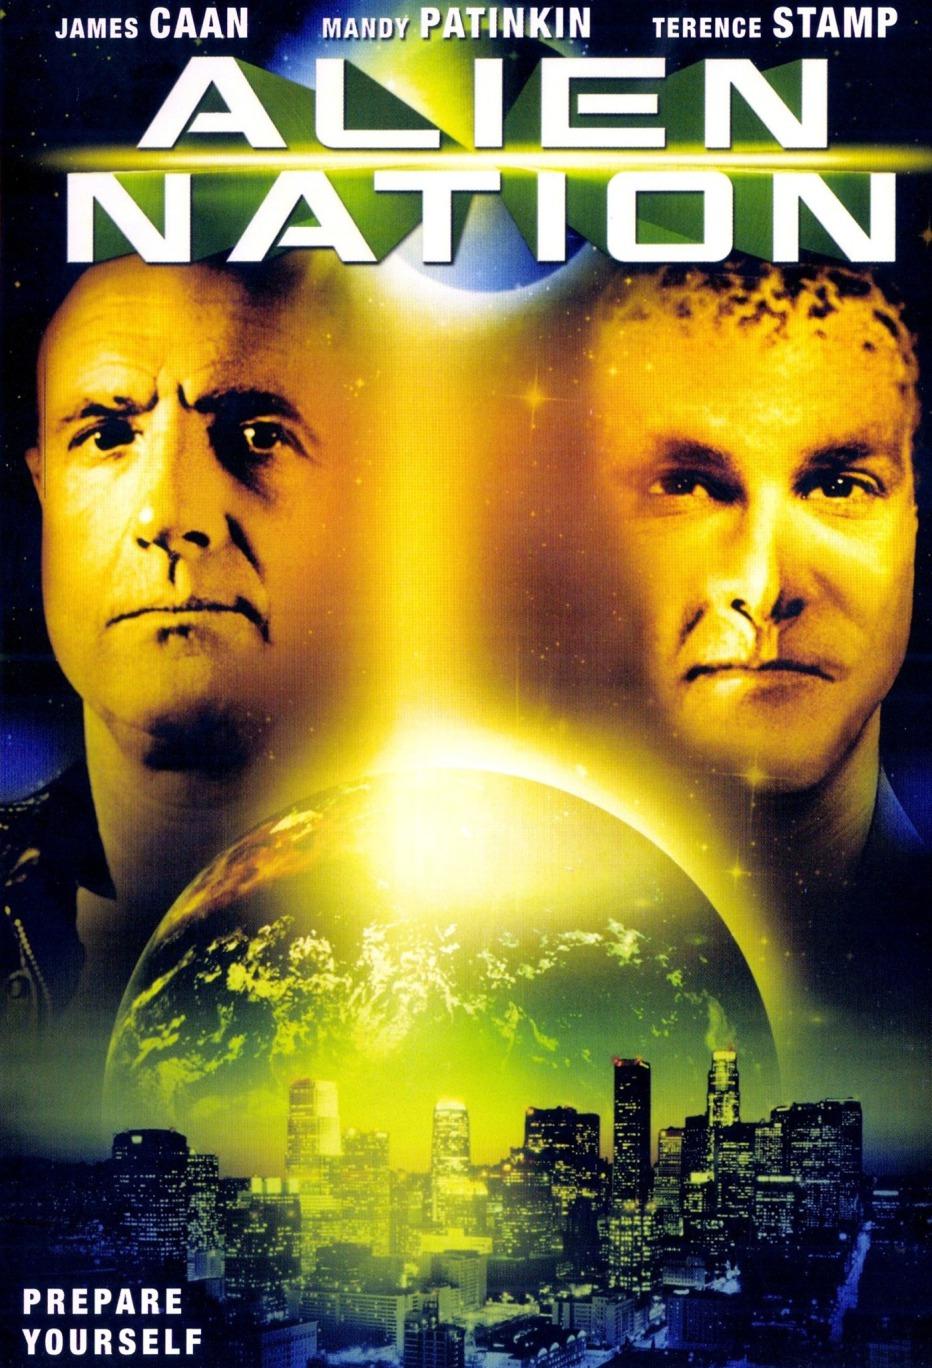 alien-nation-1988-graham-baker-15.jpg